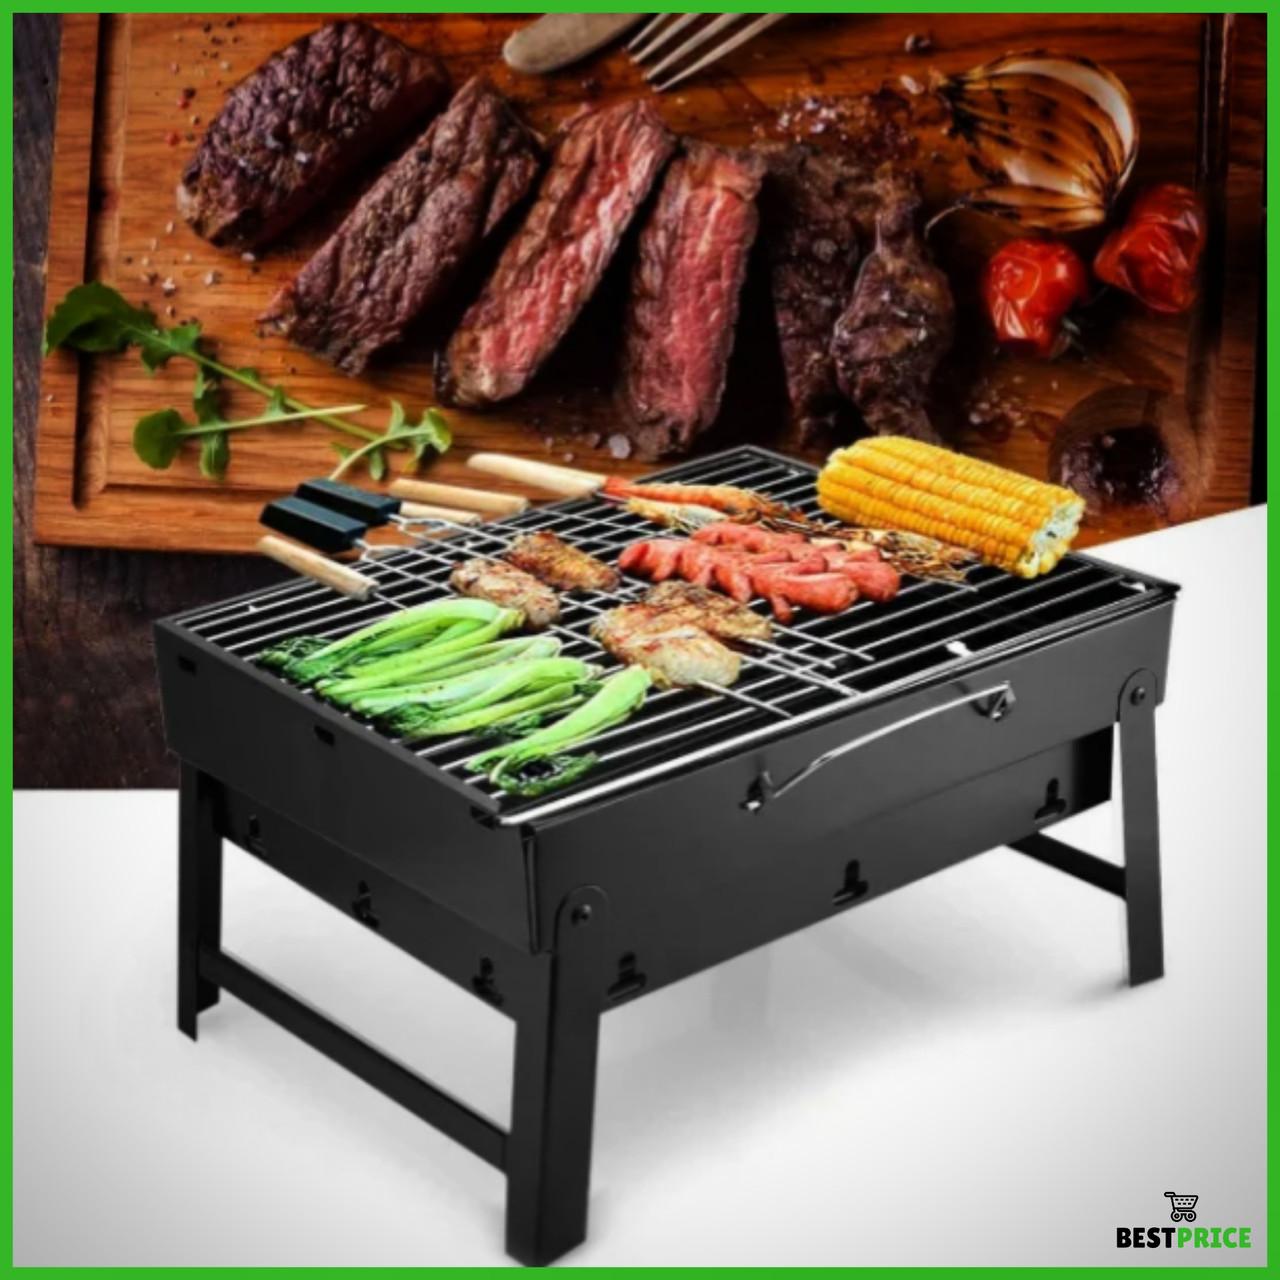 Складной барбекю гриль портативный мангал BBQ Grill Portable - жаропрочный Лучшая цена!